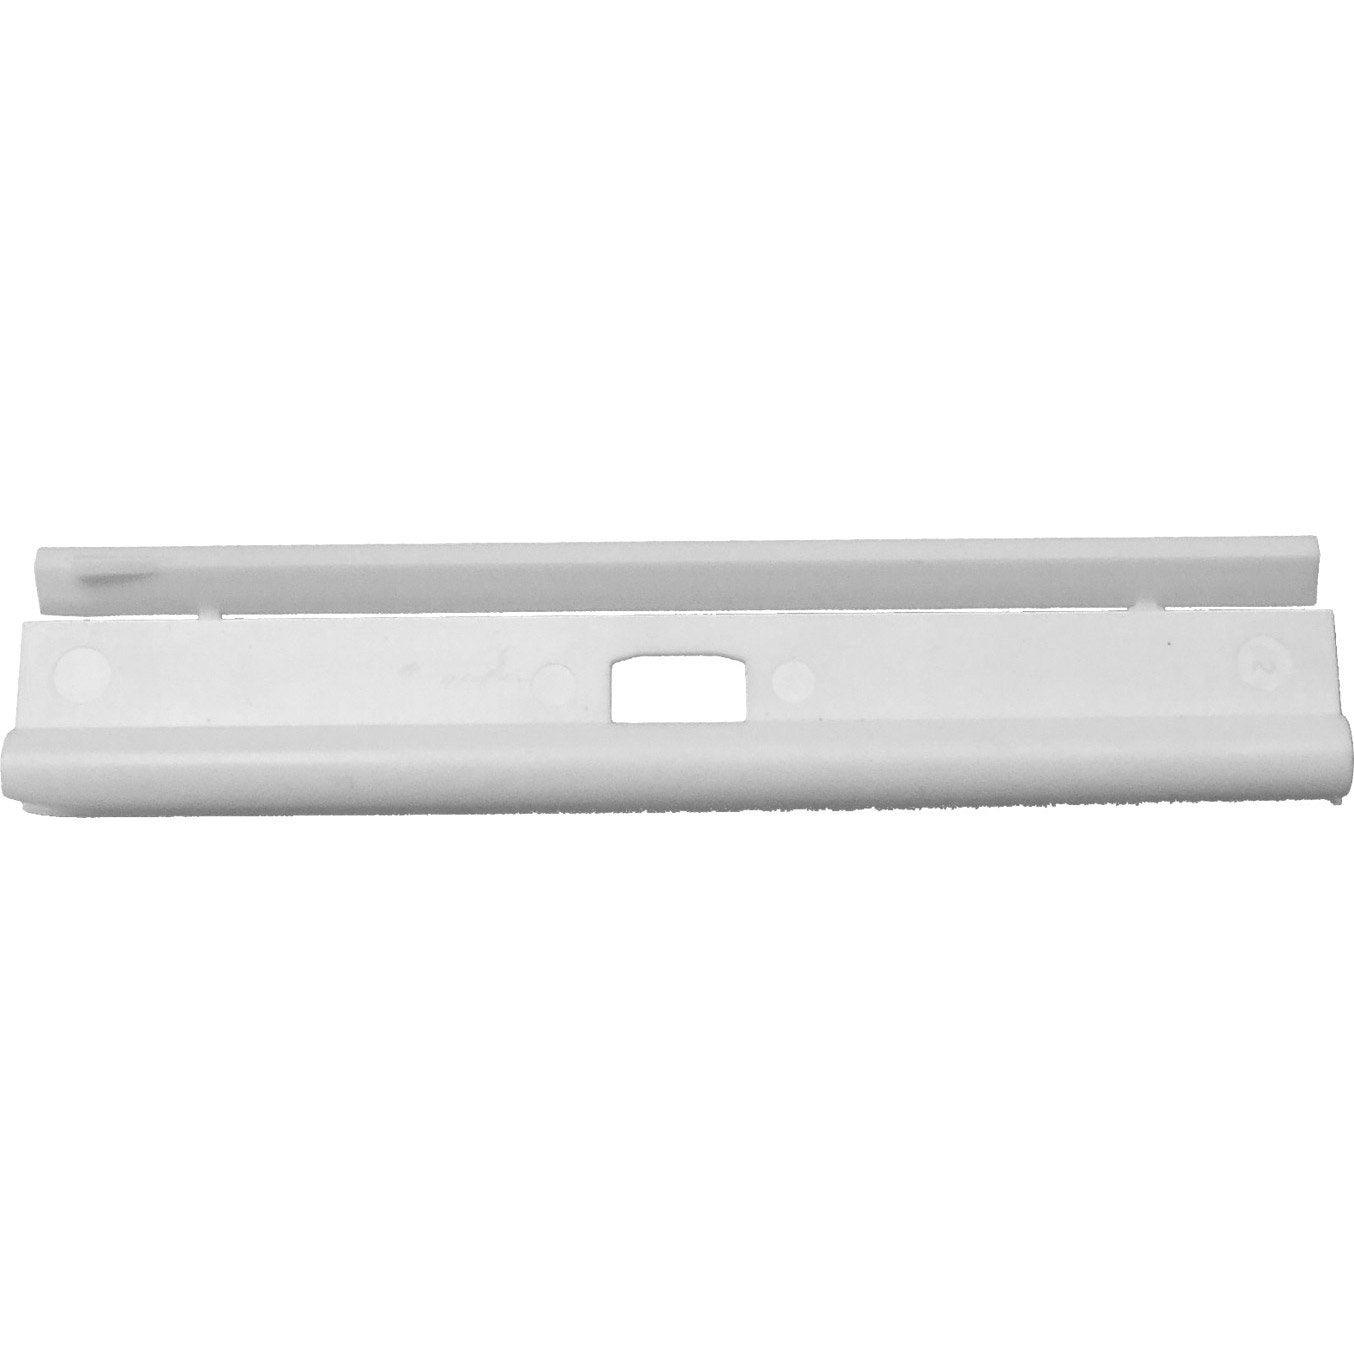 Lot 5 de barrettes hautes pour bandes verticales de store for Store vertical exterieur leroy merlin